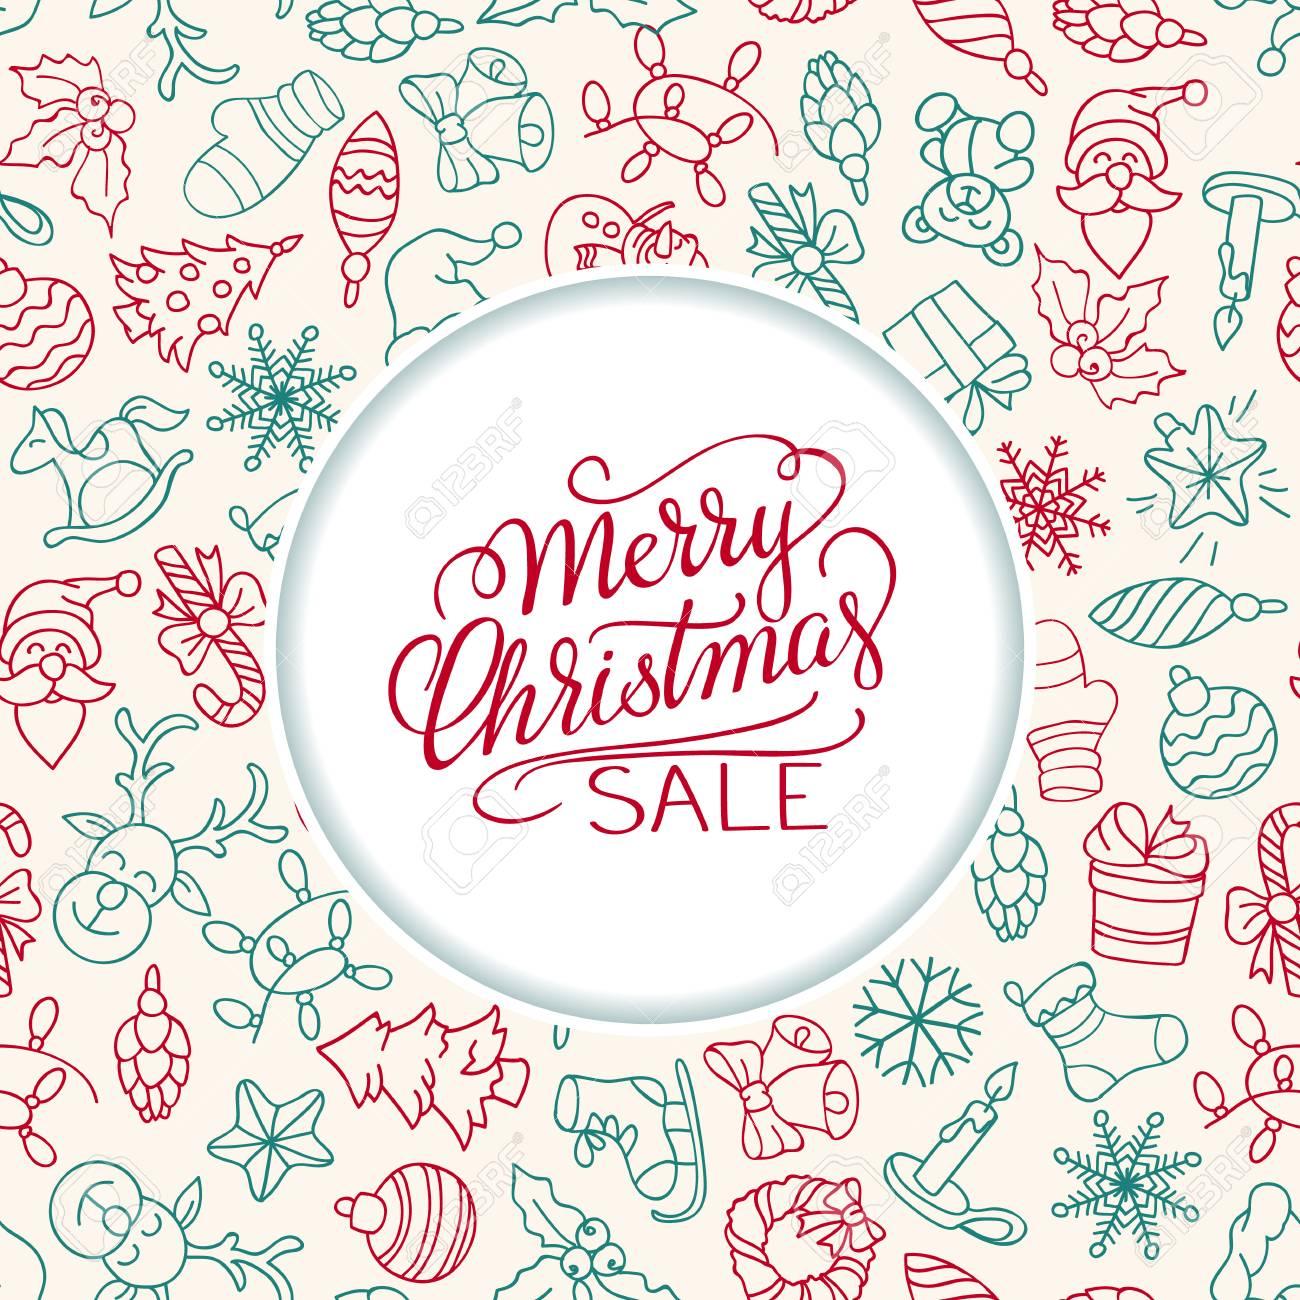 Fondo De Venta De Feliz Navidad Arte Vectorial Perfecto Elemento De Decoración Para Tarjetas Invitaciones Y Otros Tipos De Diseño De Vacaciones